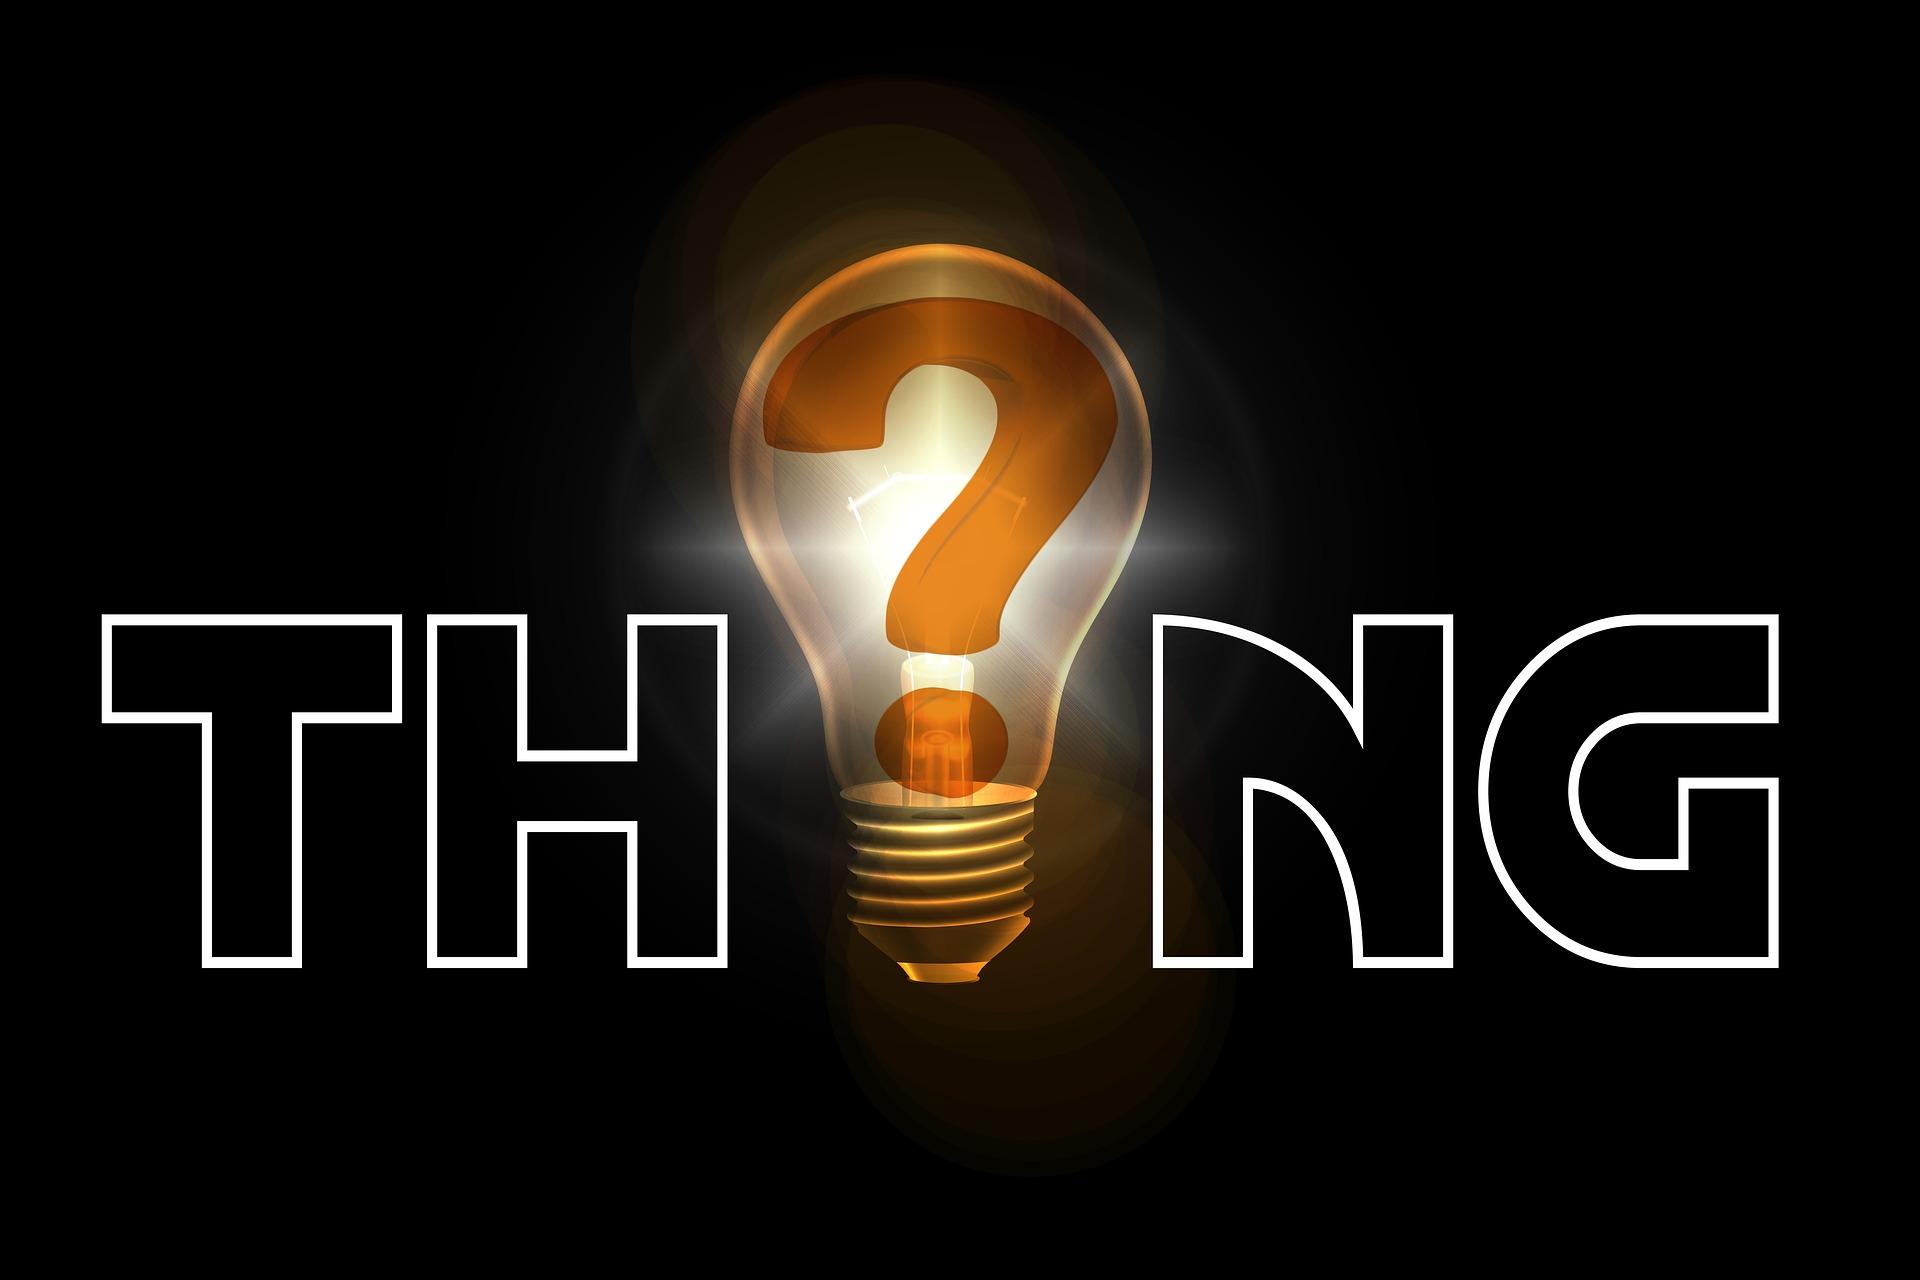 thing-2010013_1920